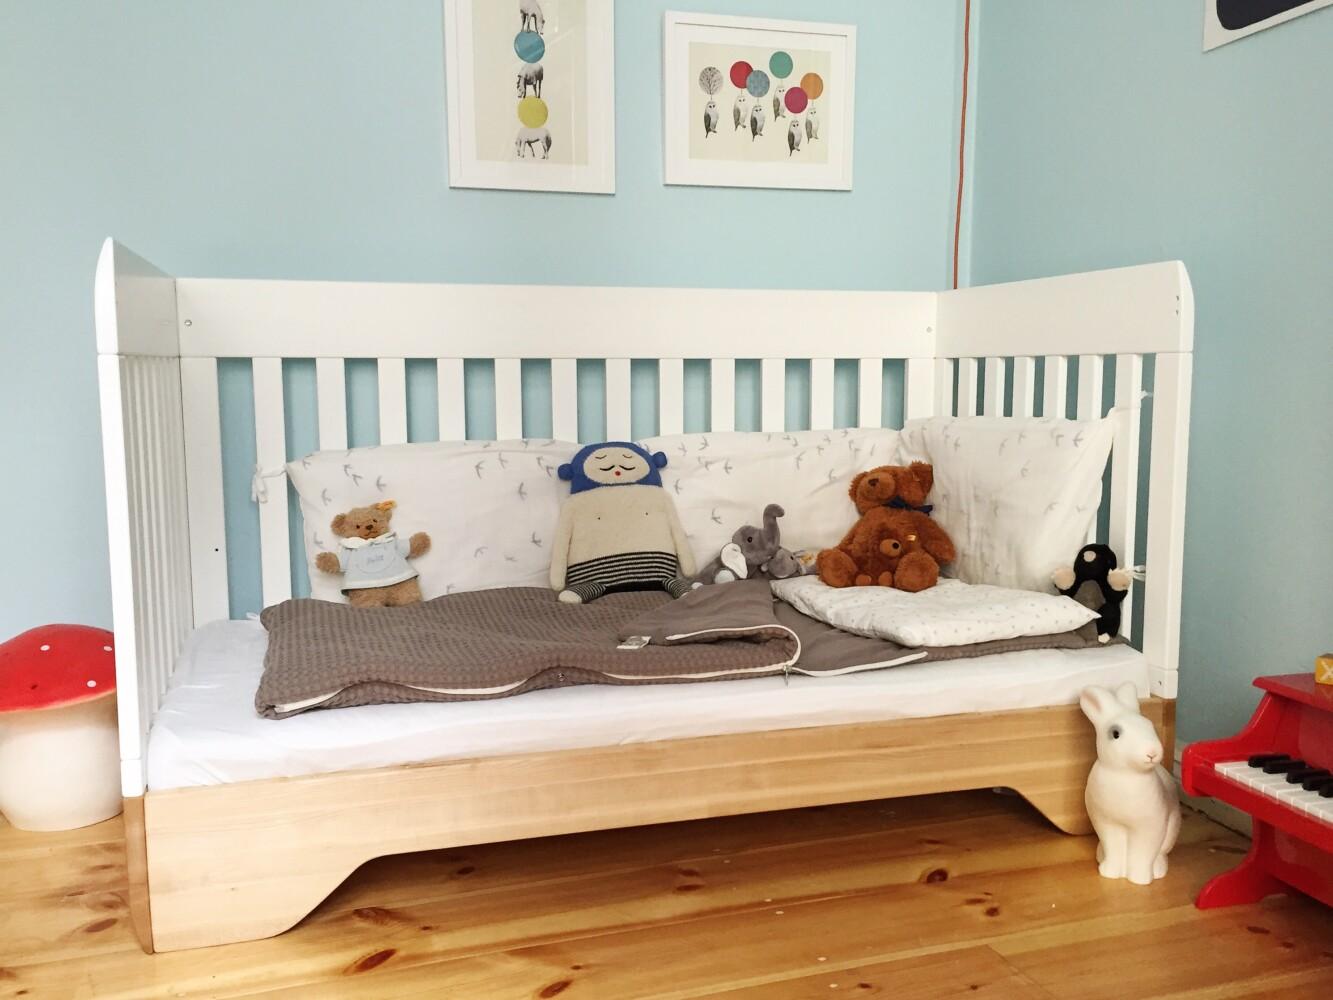 normale gr e von bettdecken kinder flanell bettw sche usa ikea schlafzimmer kommode nordli. Black Bedroom Furniture Sets. Home Design Ideas